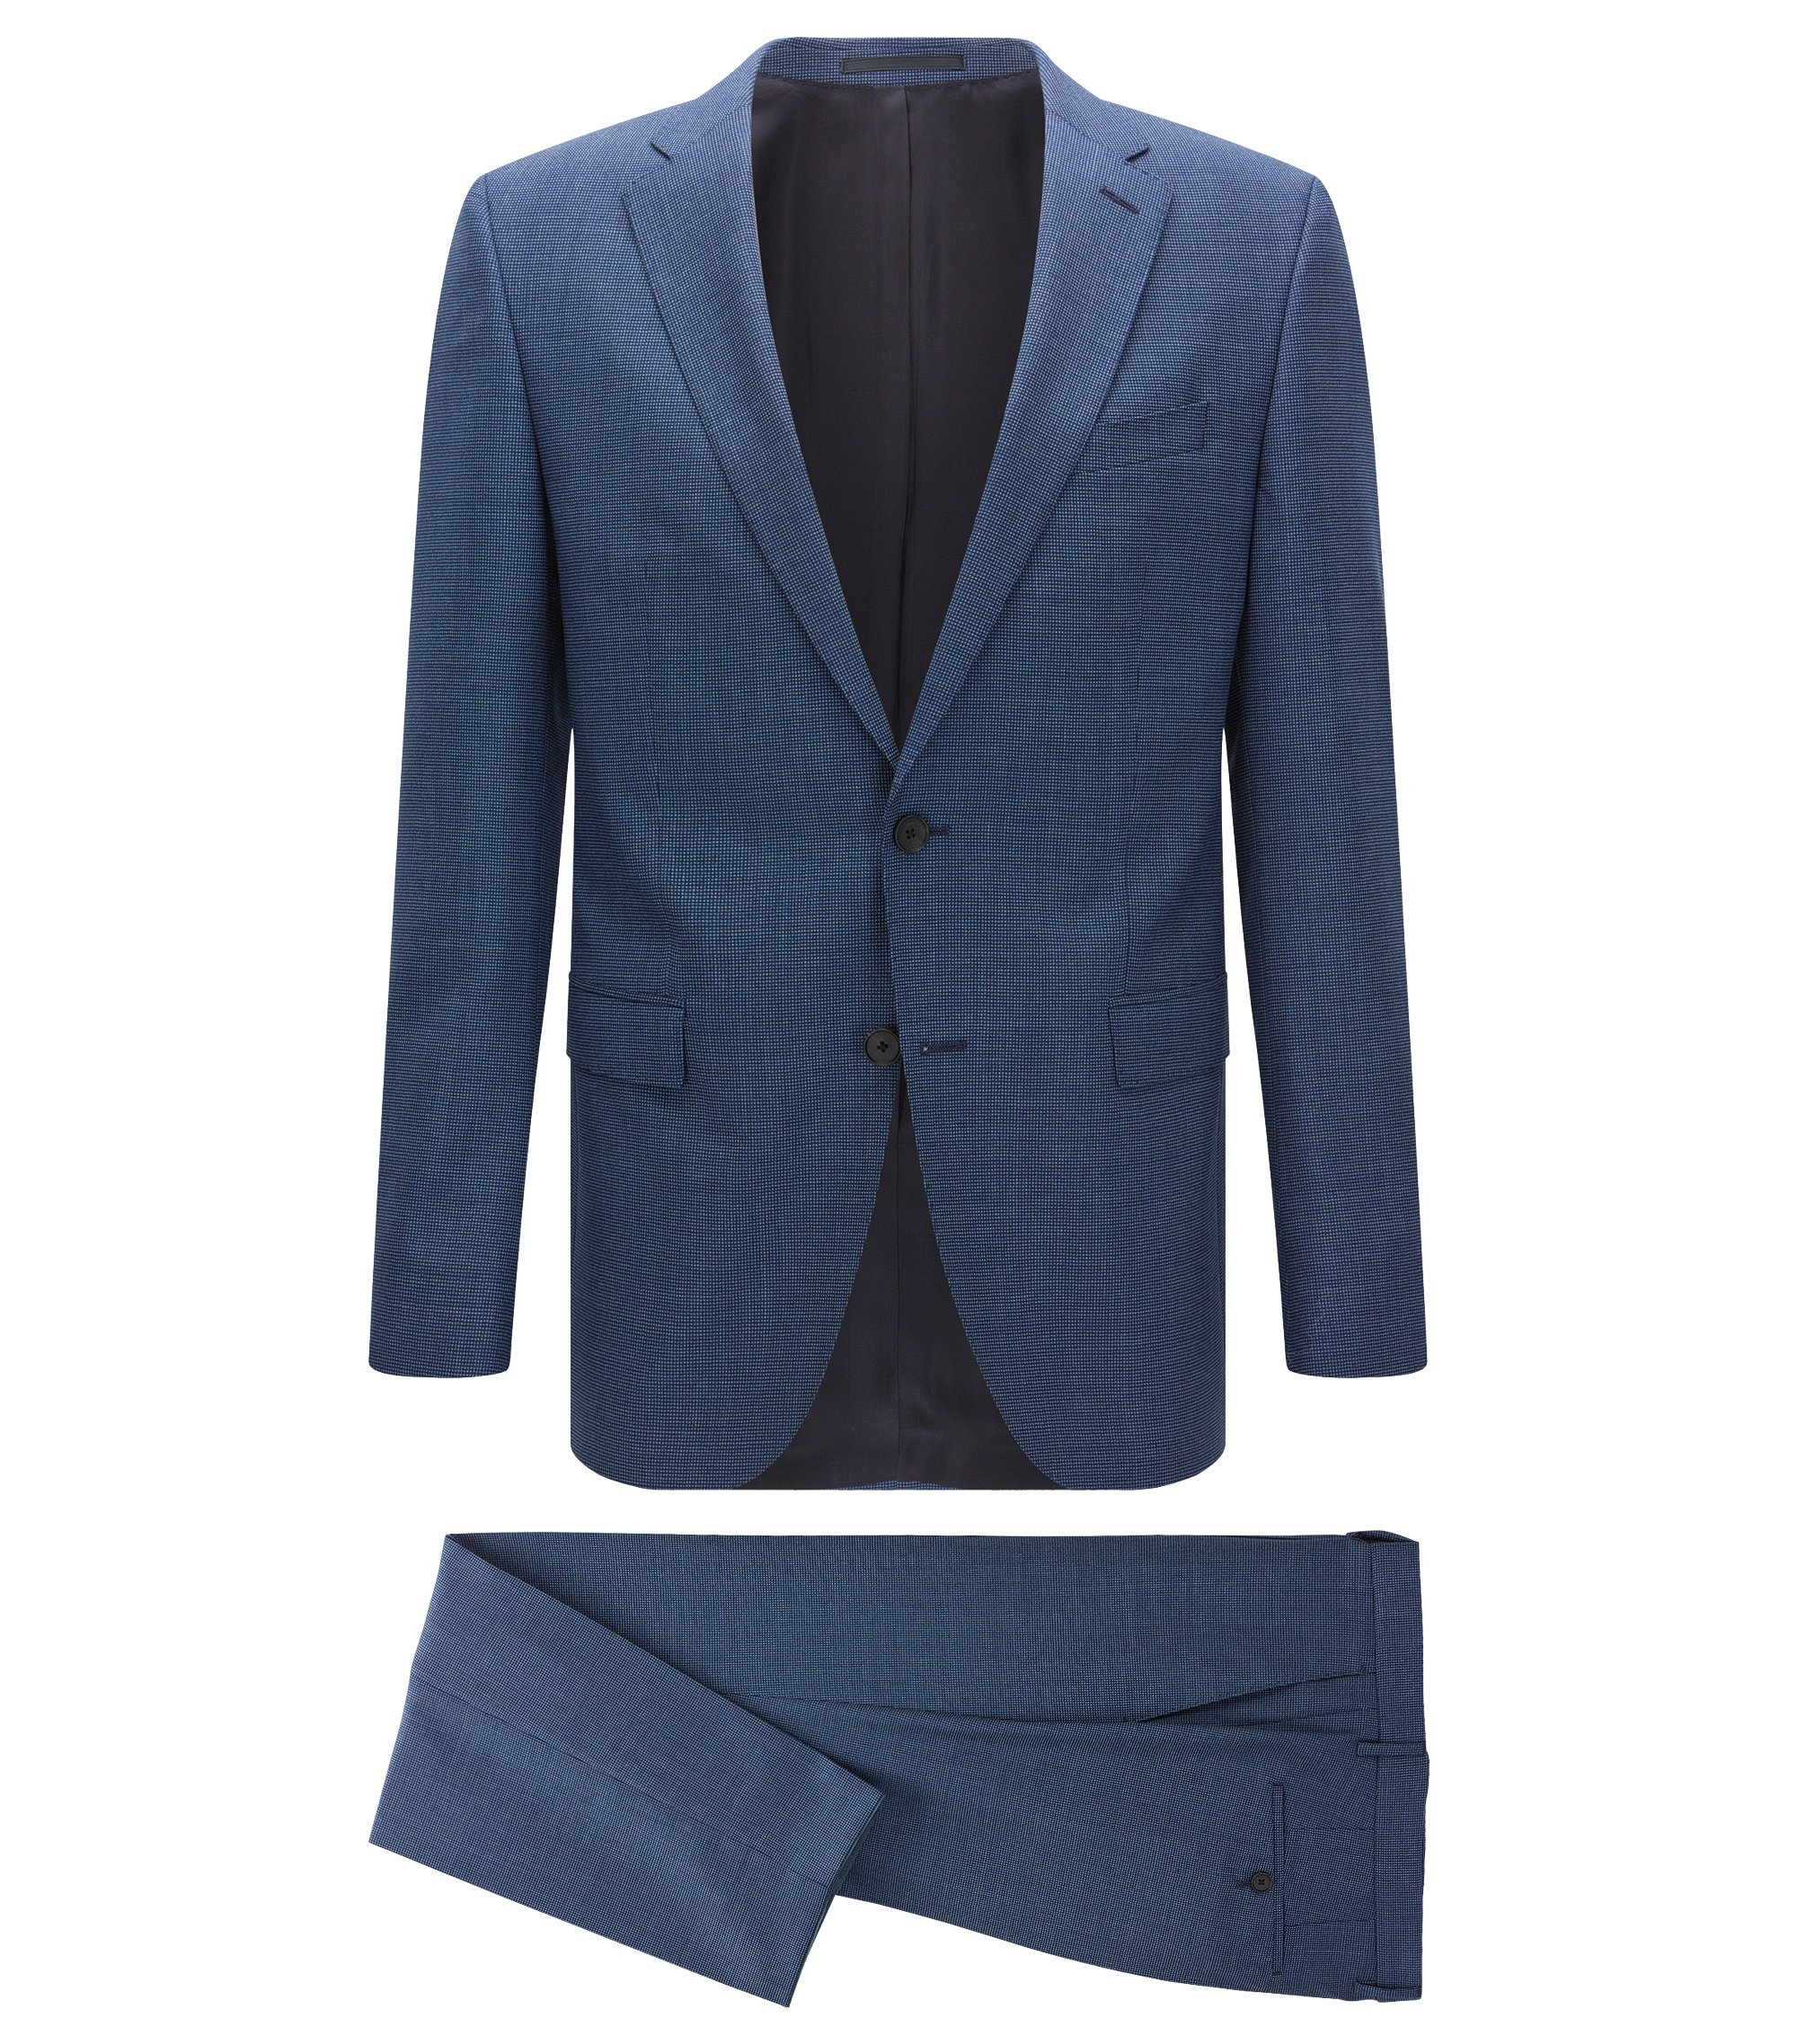 Gemusterter Slim-Fit Anzug aus Schurwolle, Blau